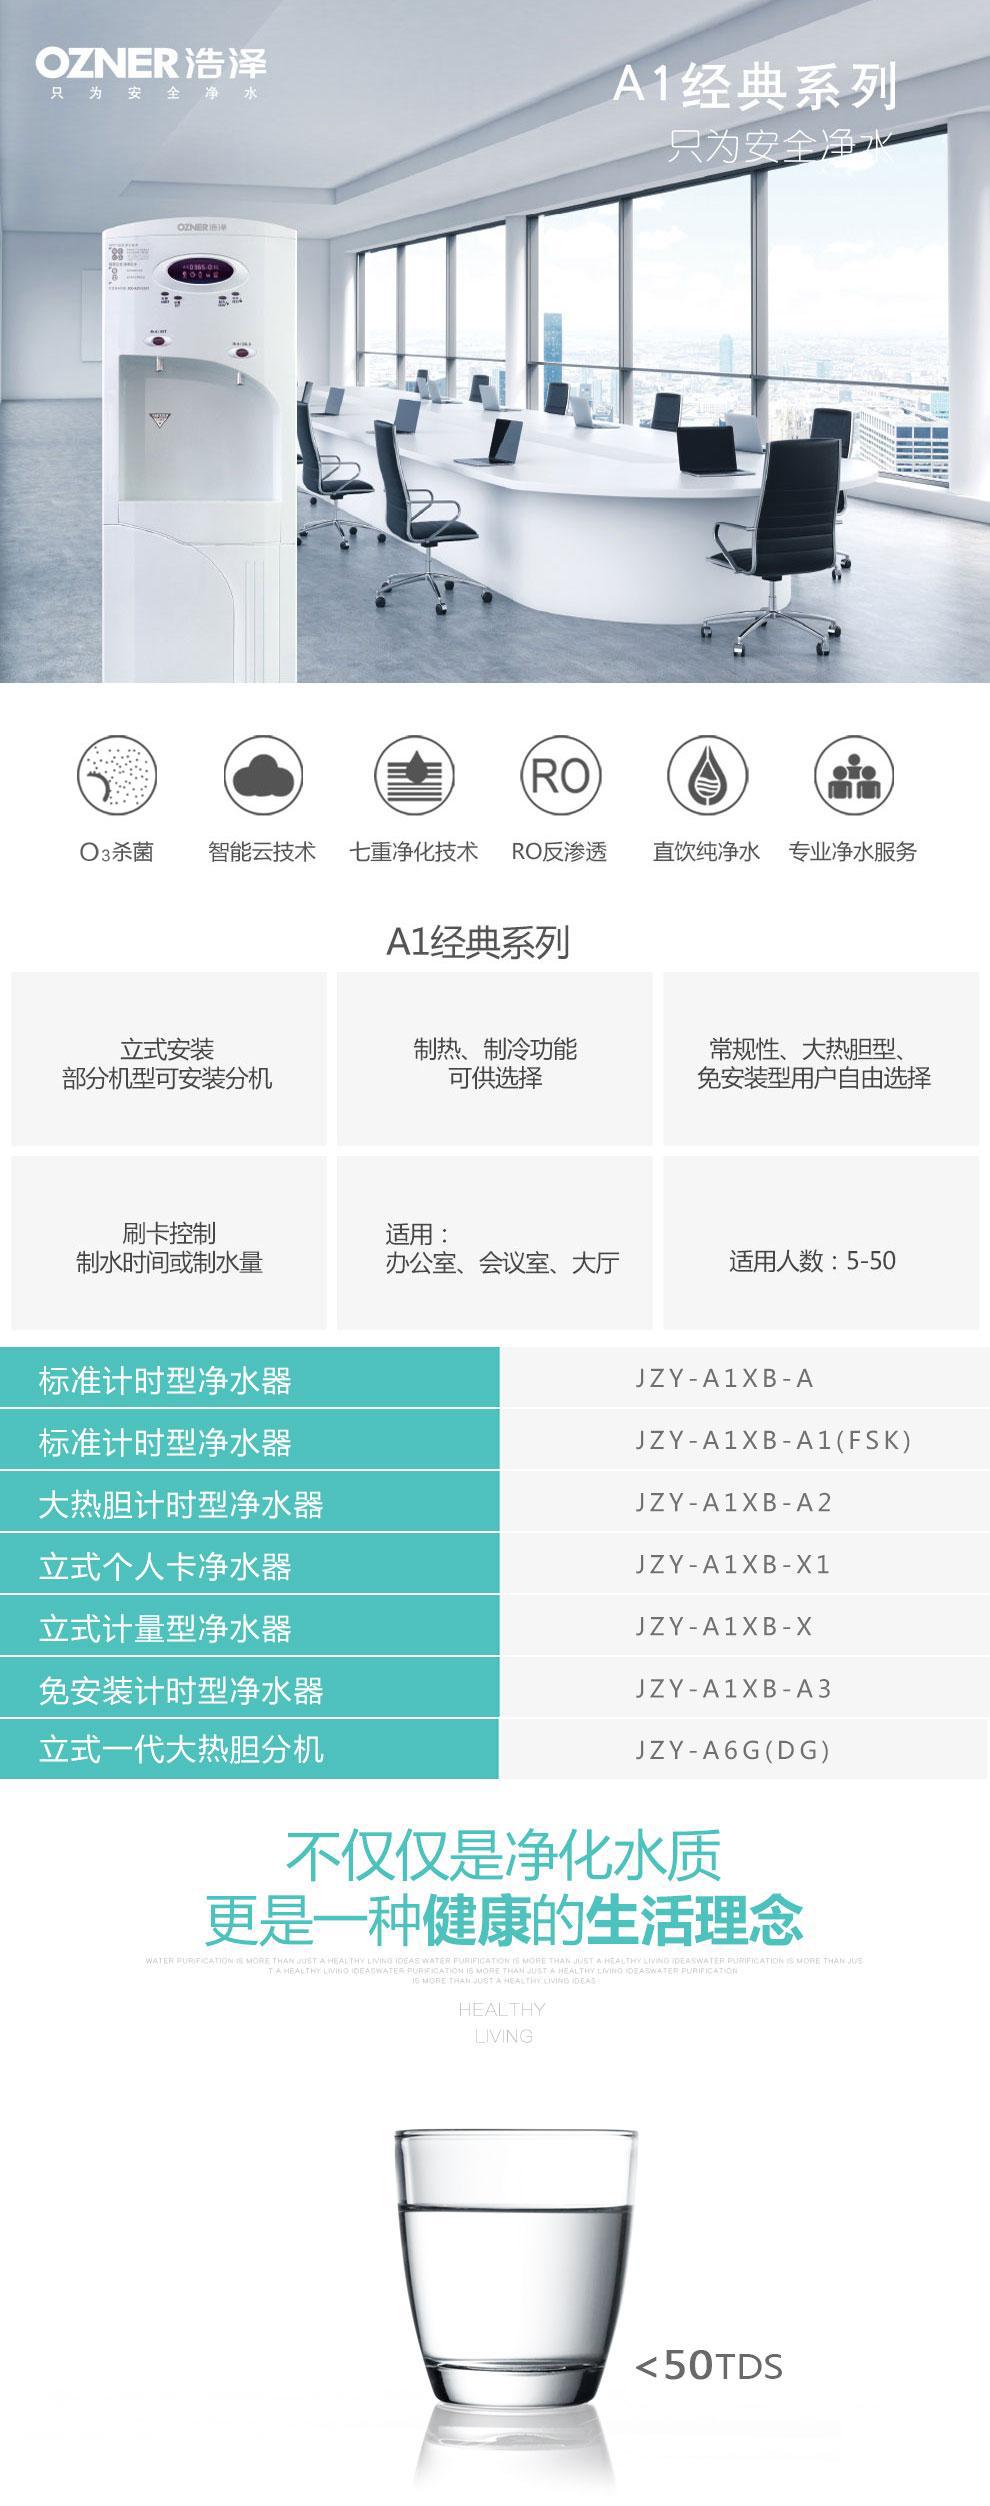 上海净水器租赁,租赁净水器公司,净水器租赁价格、商用净水器价格、工厂净水器价格、办公茶水间净水器、租赁净水器省钱、